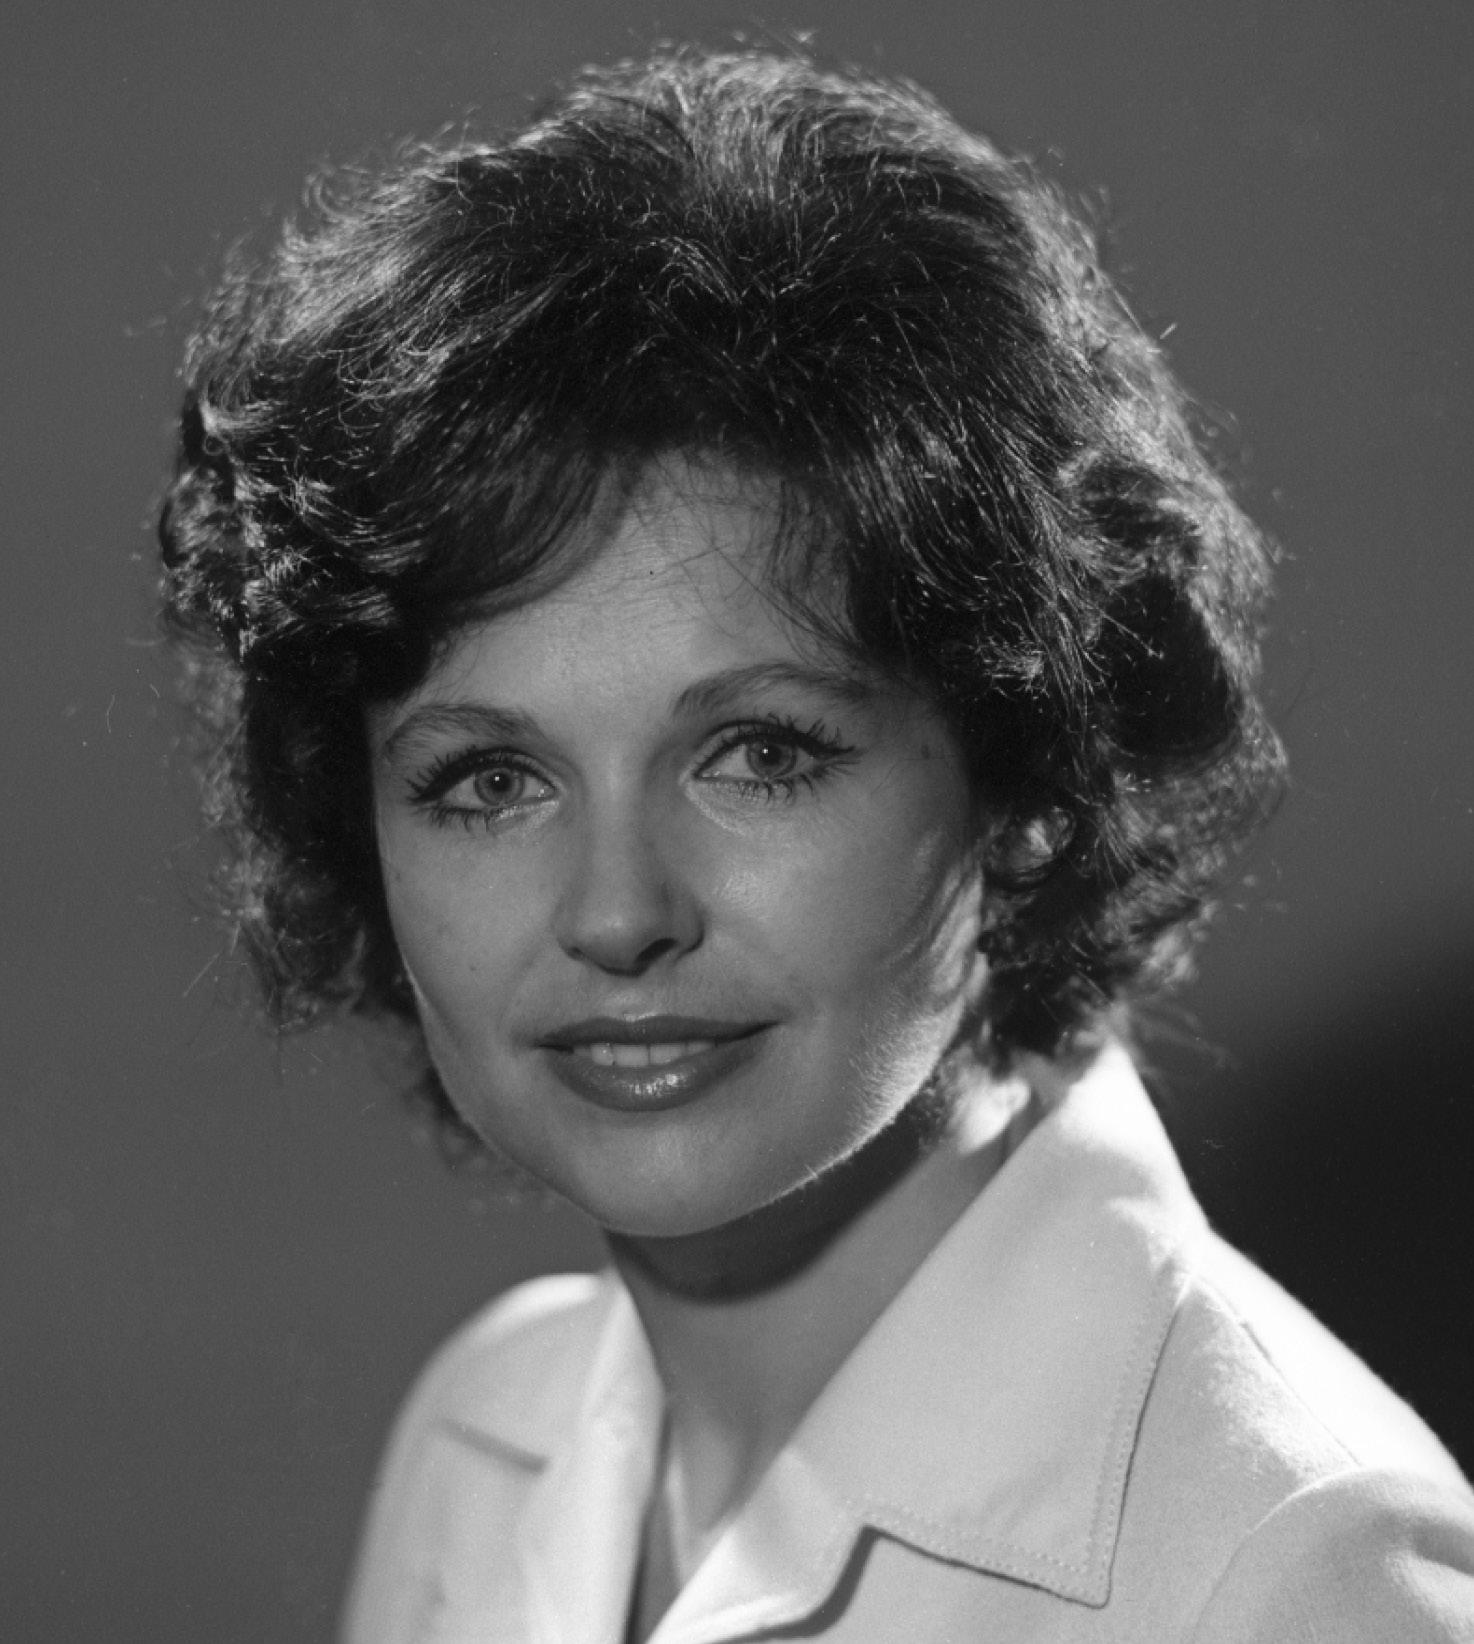 Natalya Fateyeva